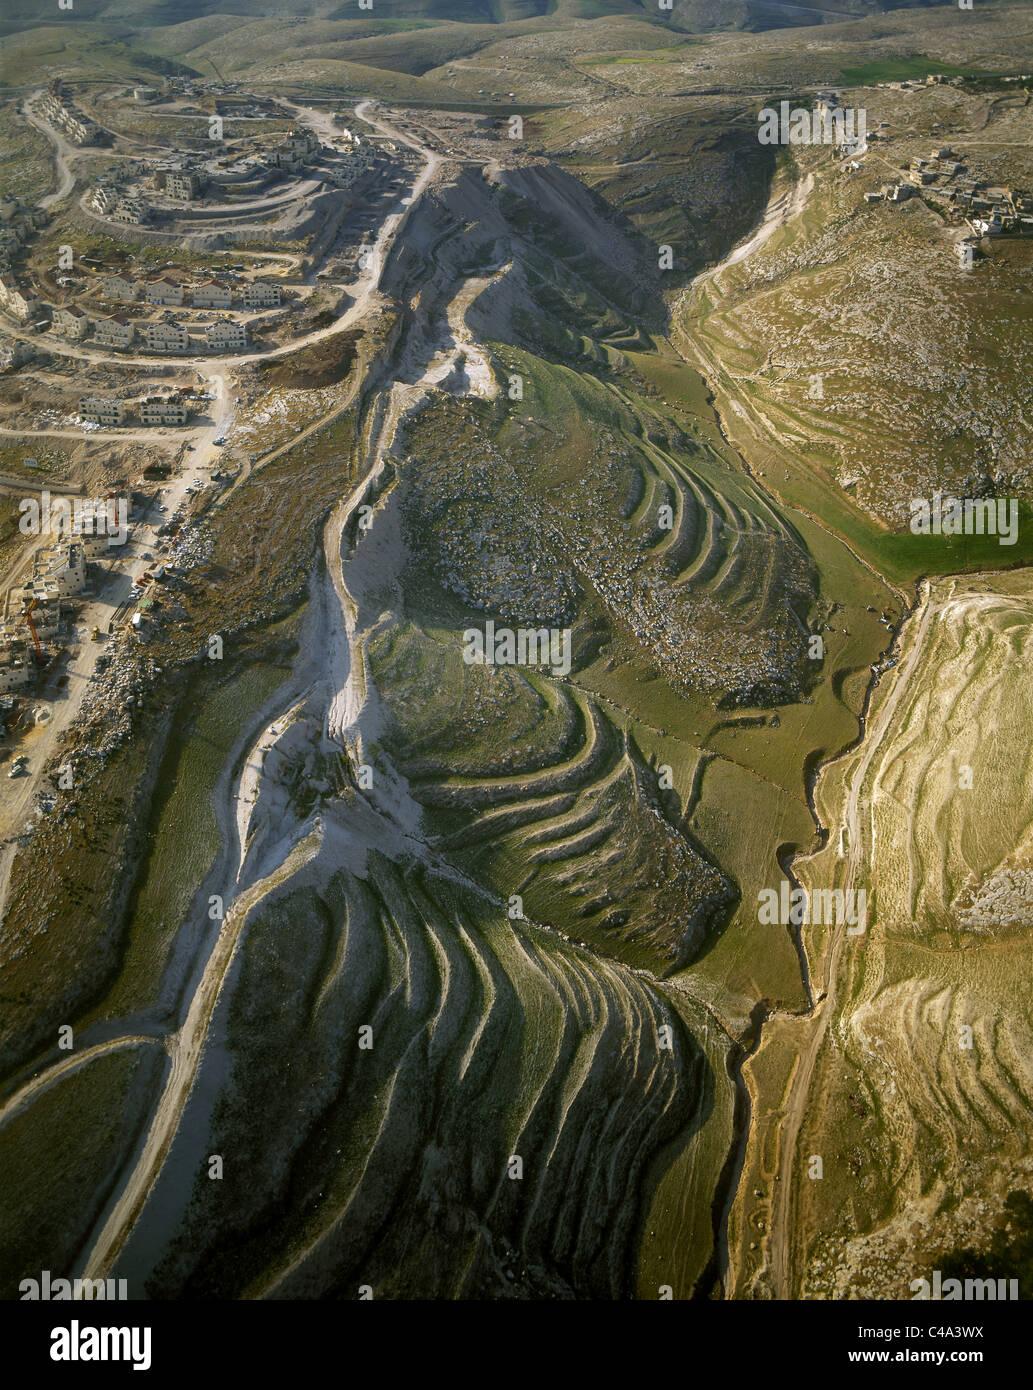 Fotografia aerea di un insediamento israeliano e un villaggio arabo sulle colline di Samaria Immagini Stock